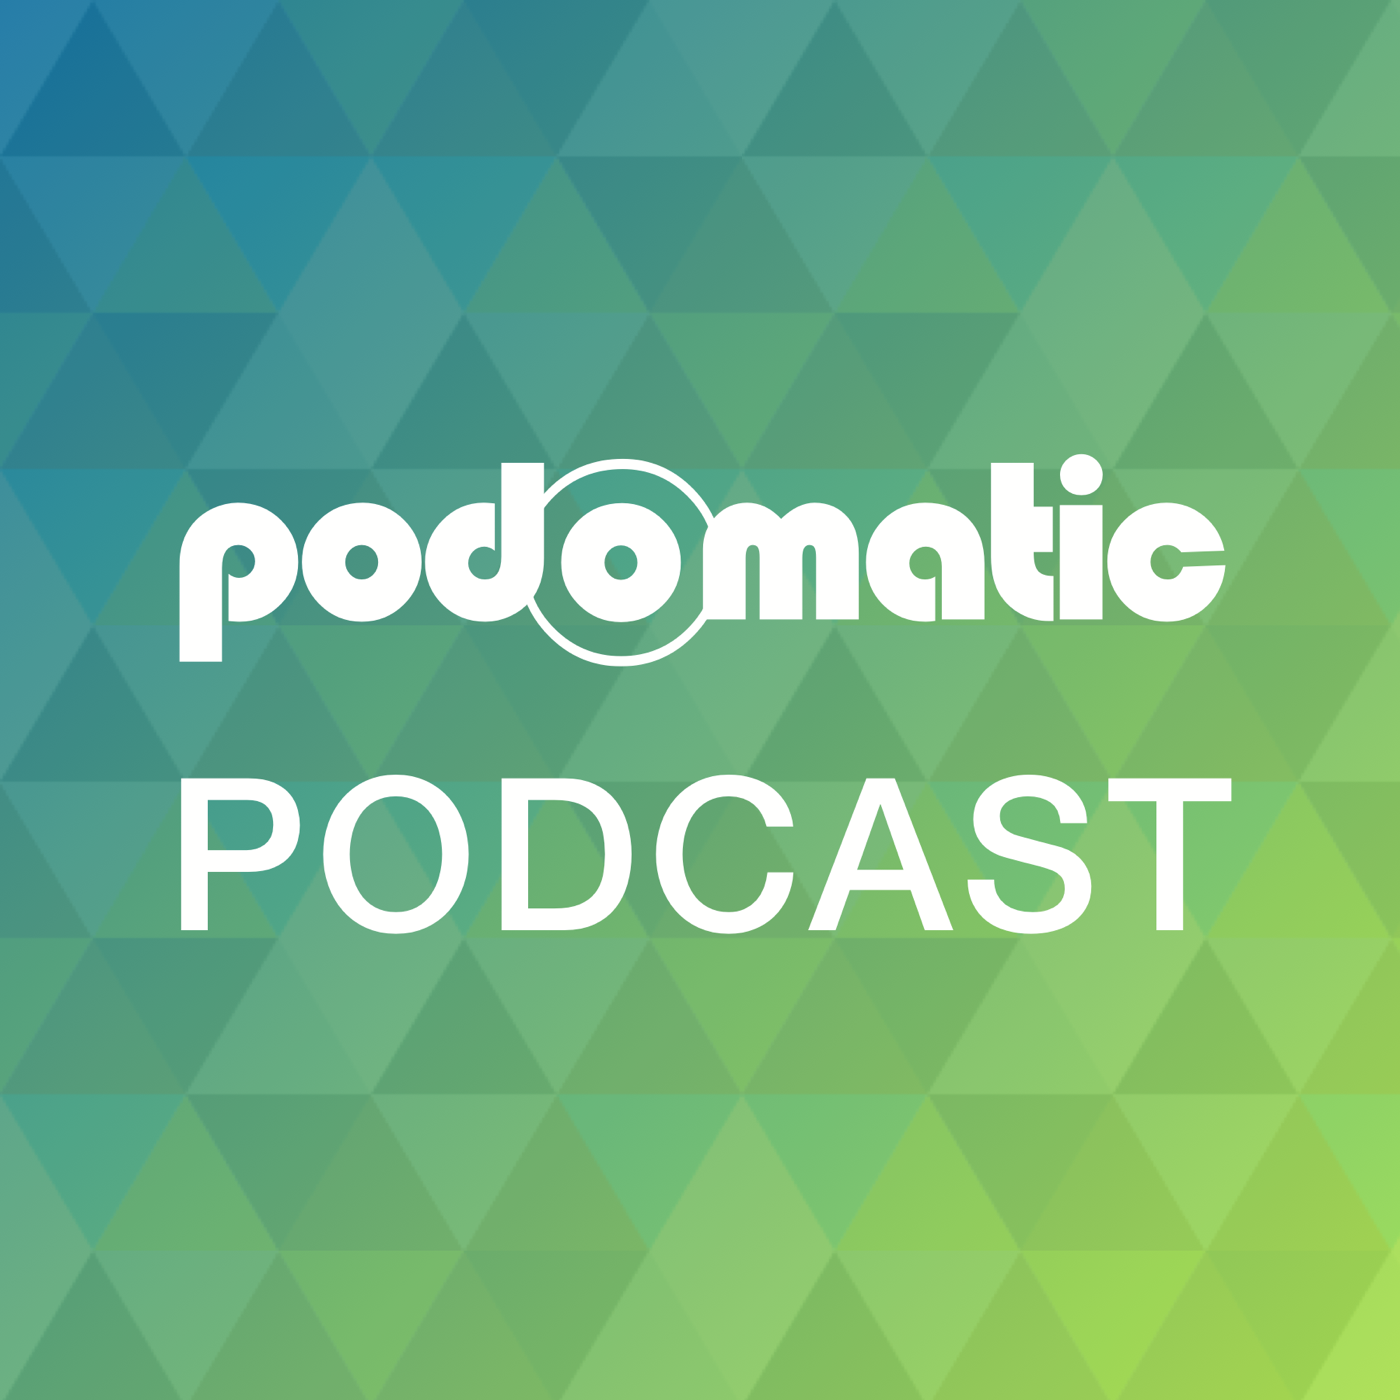 David's podcast